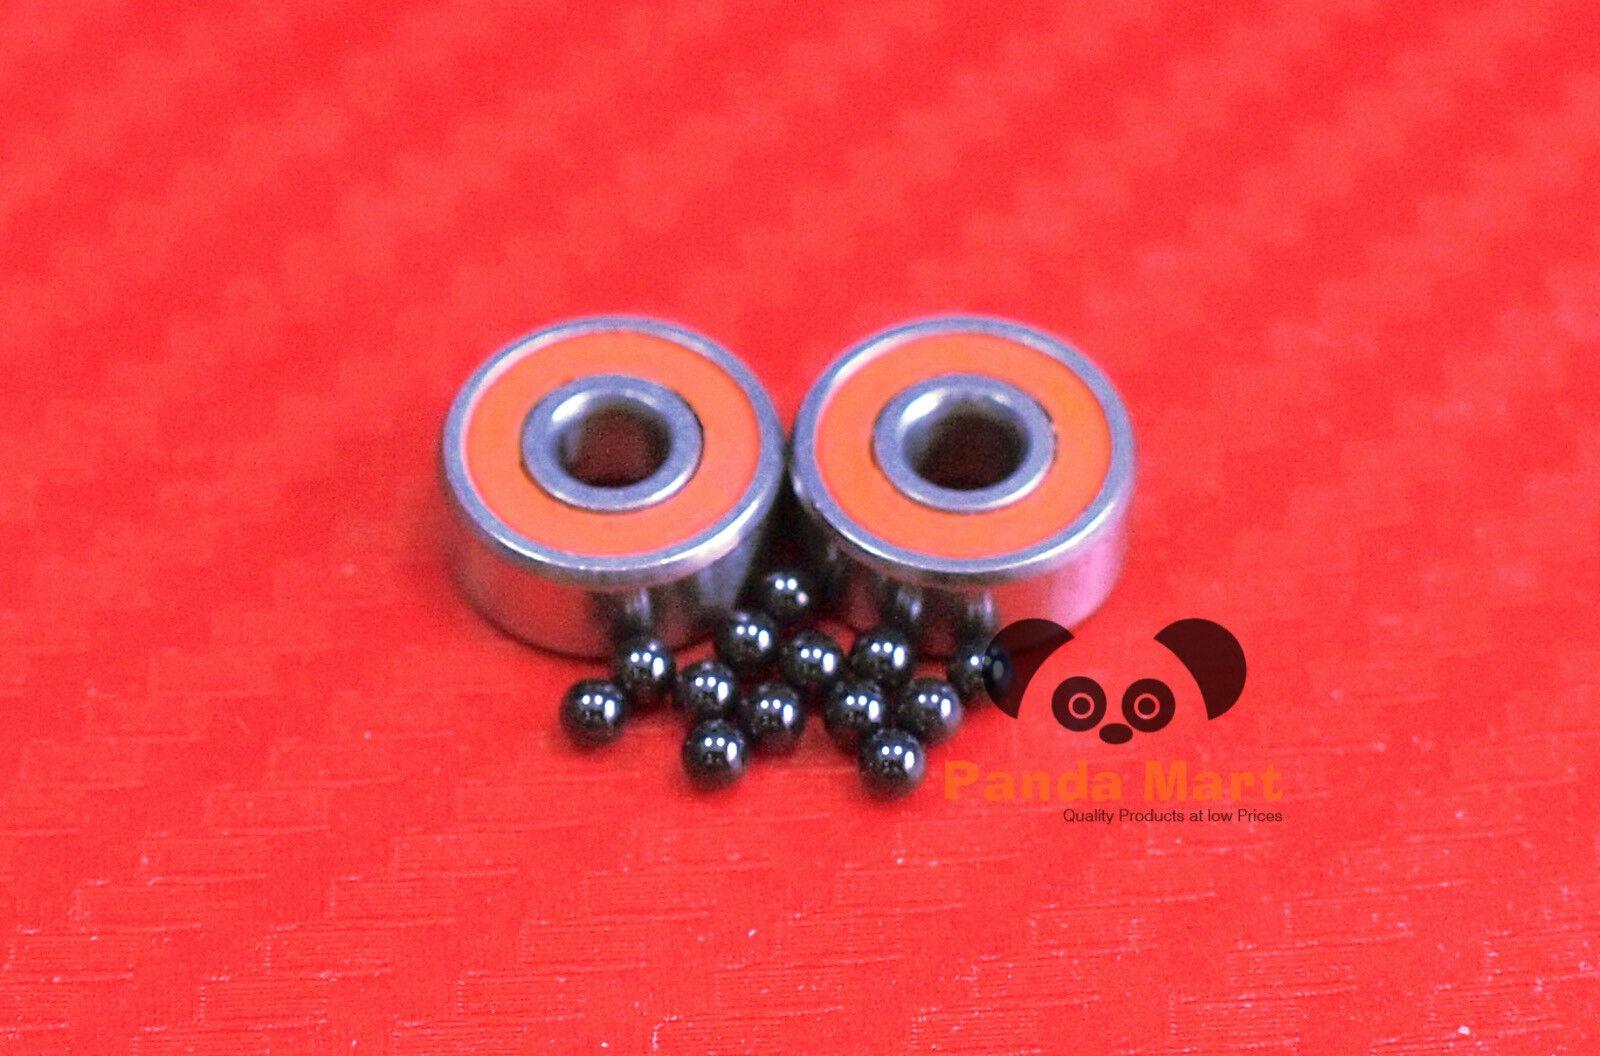 [QTY 10] SR188C-2OS ABEC-7 HYBRID CERAMIC Ball Bearings (1 4  x 1 2  x 3 16 )